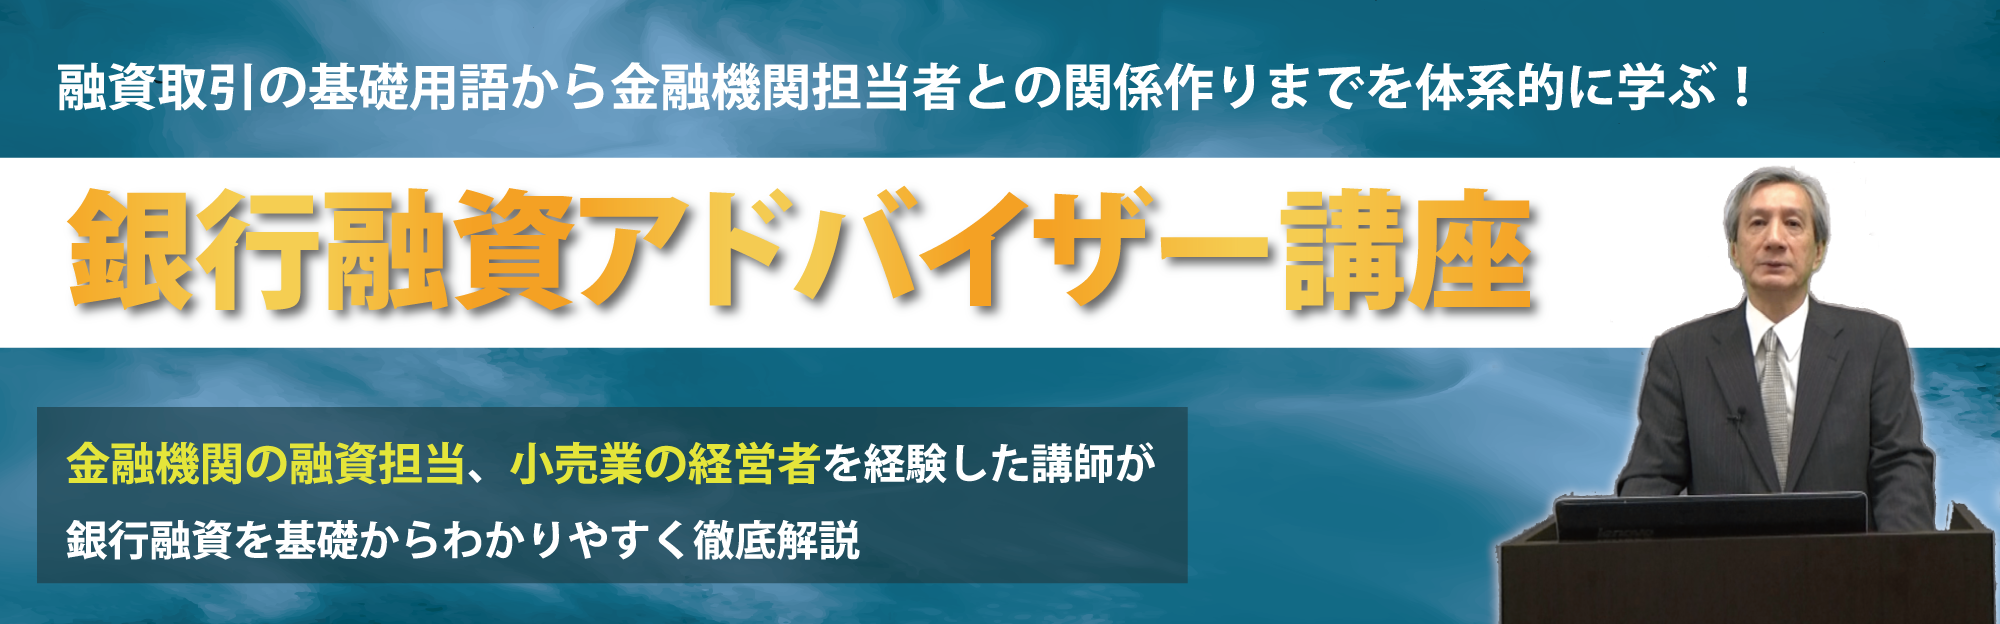 20190522_銀行融資アドバイザー講座_経営者向け_ol